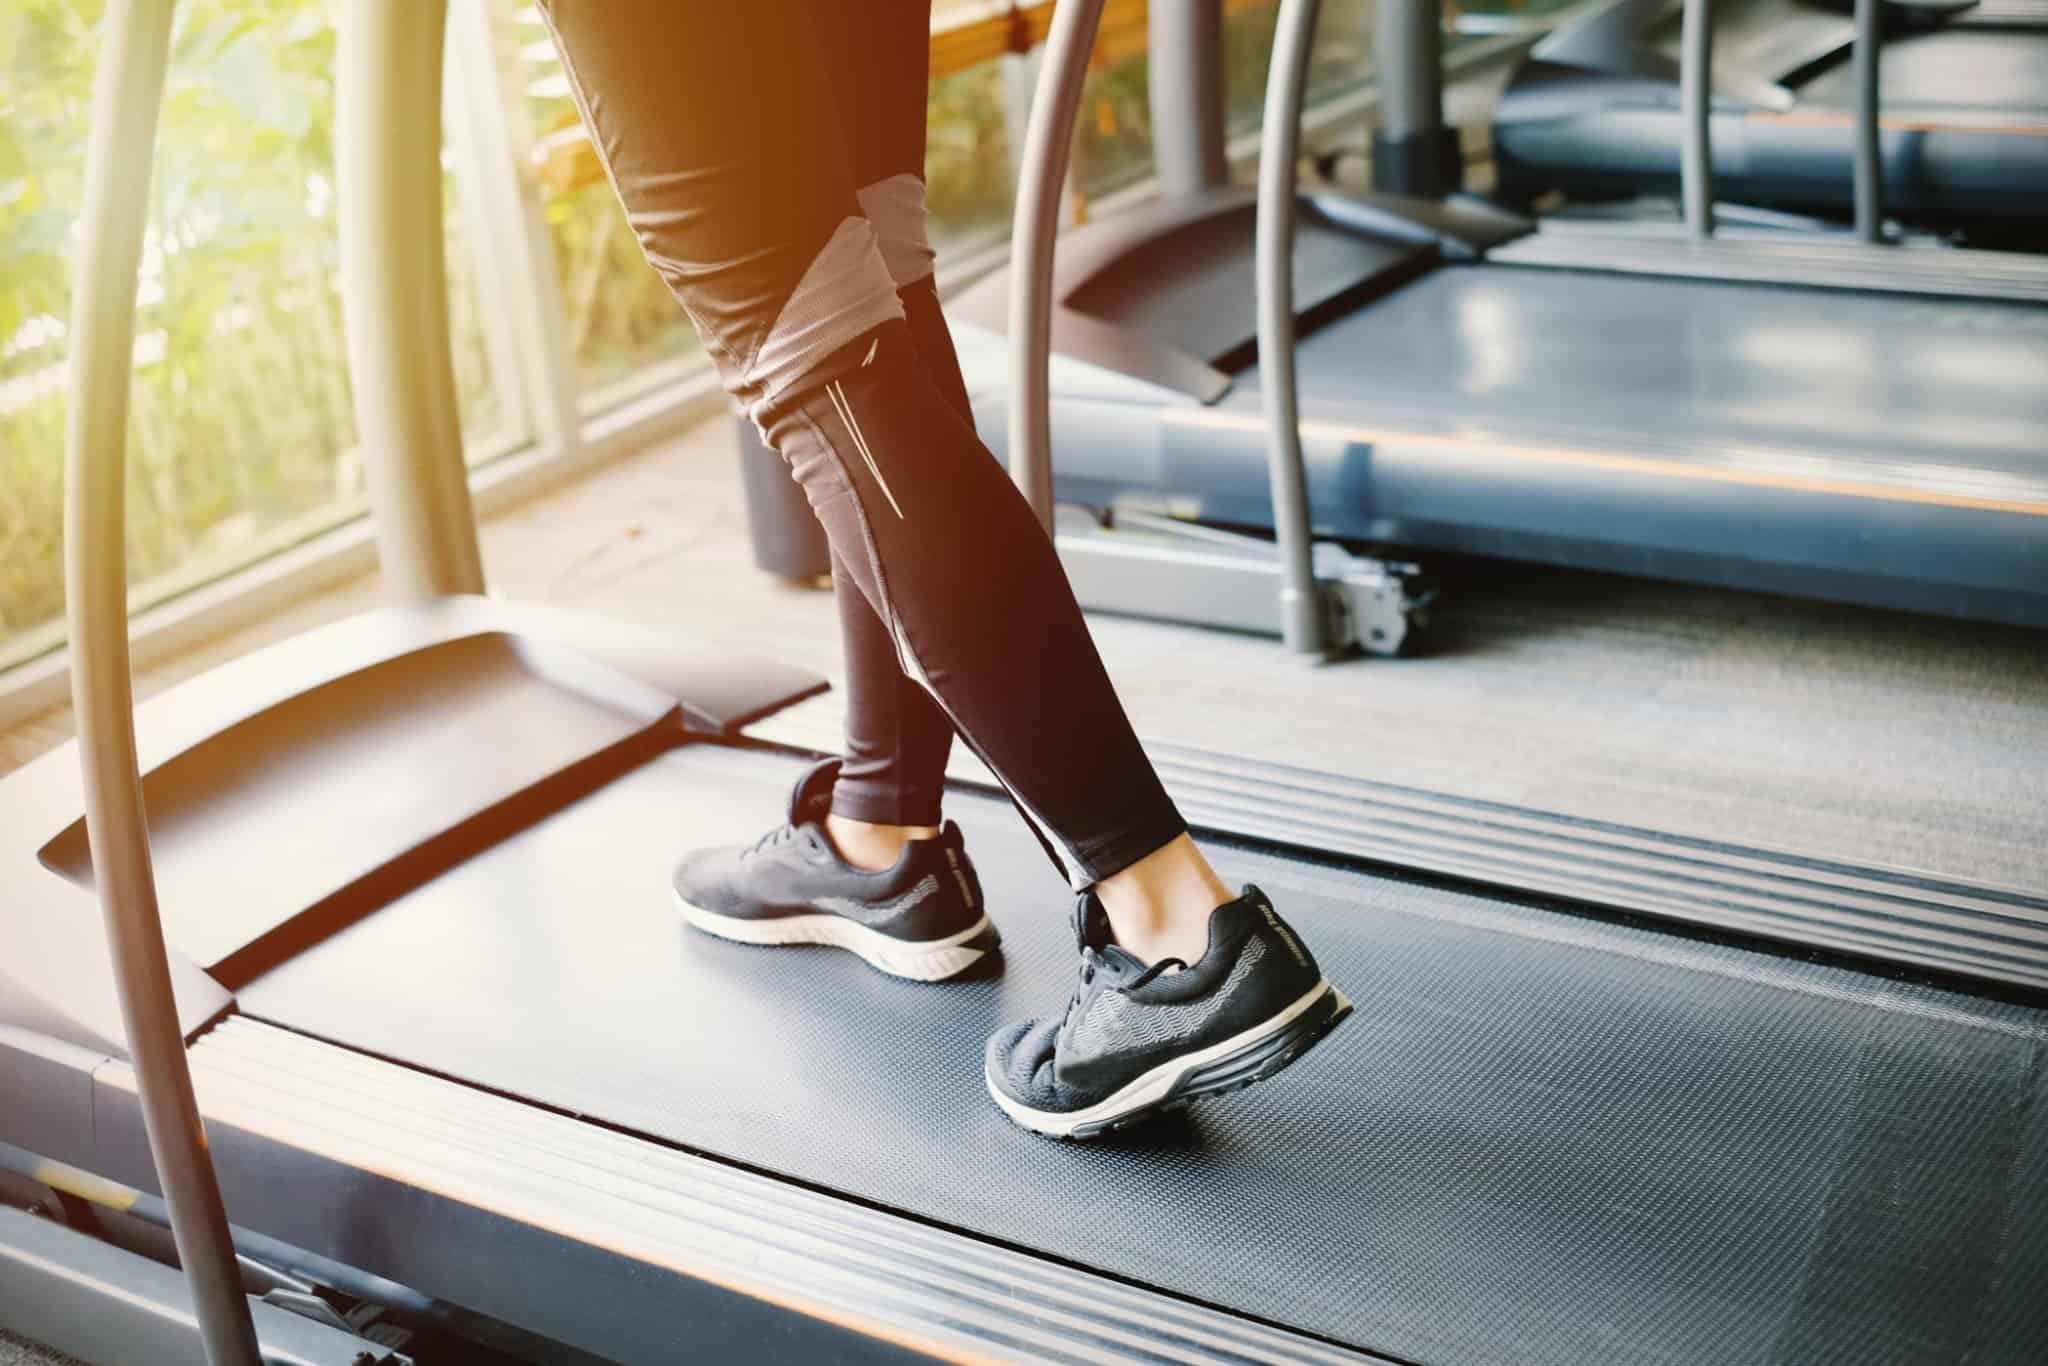 rapariga a fazer desporto na treadmill